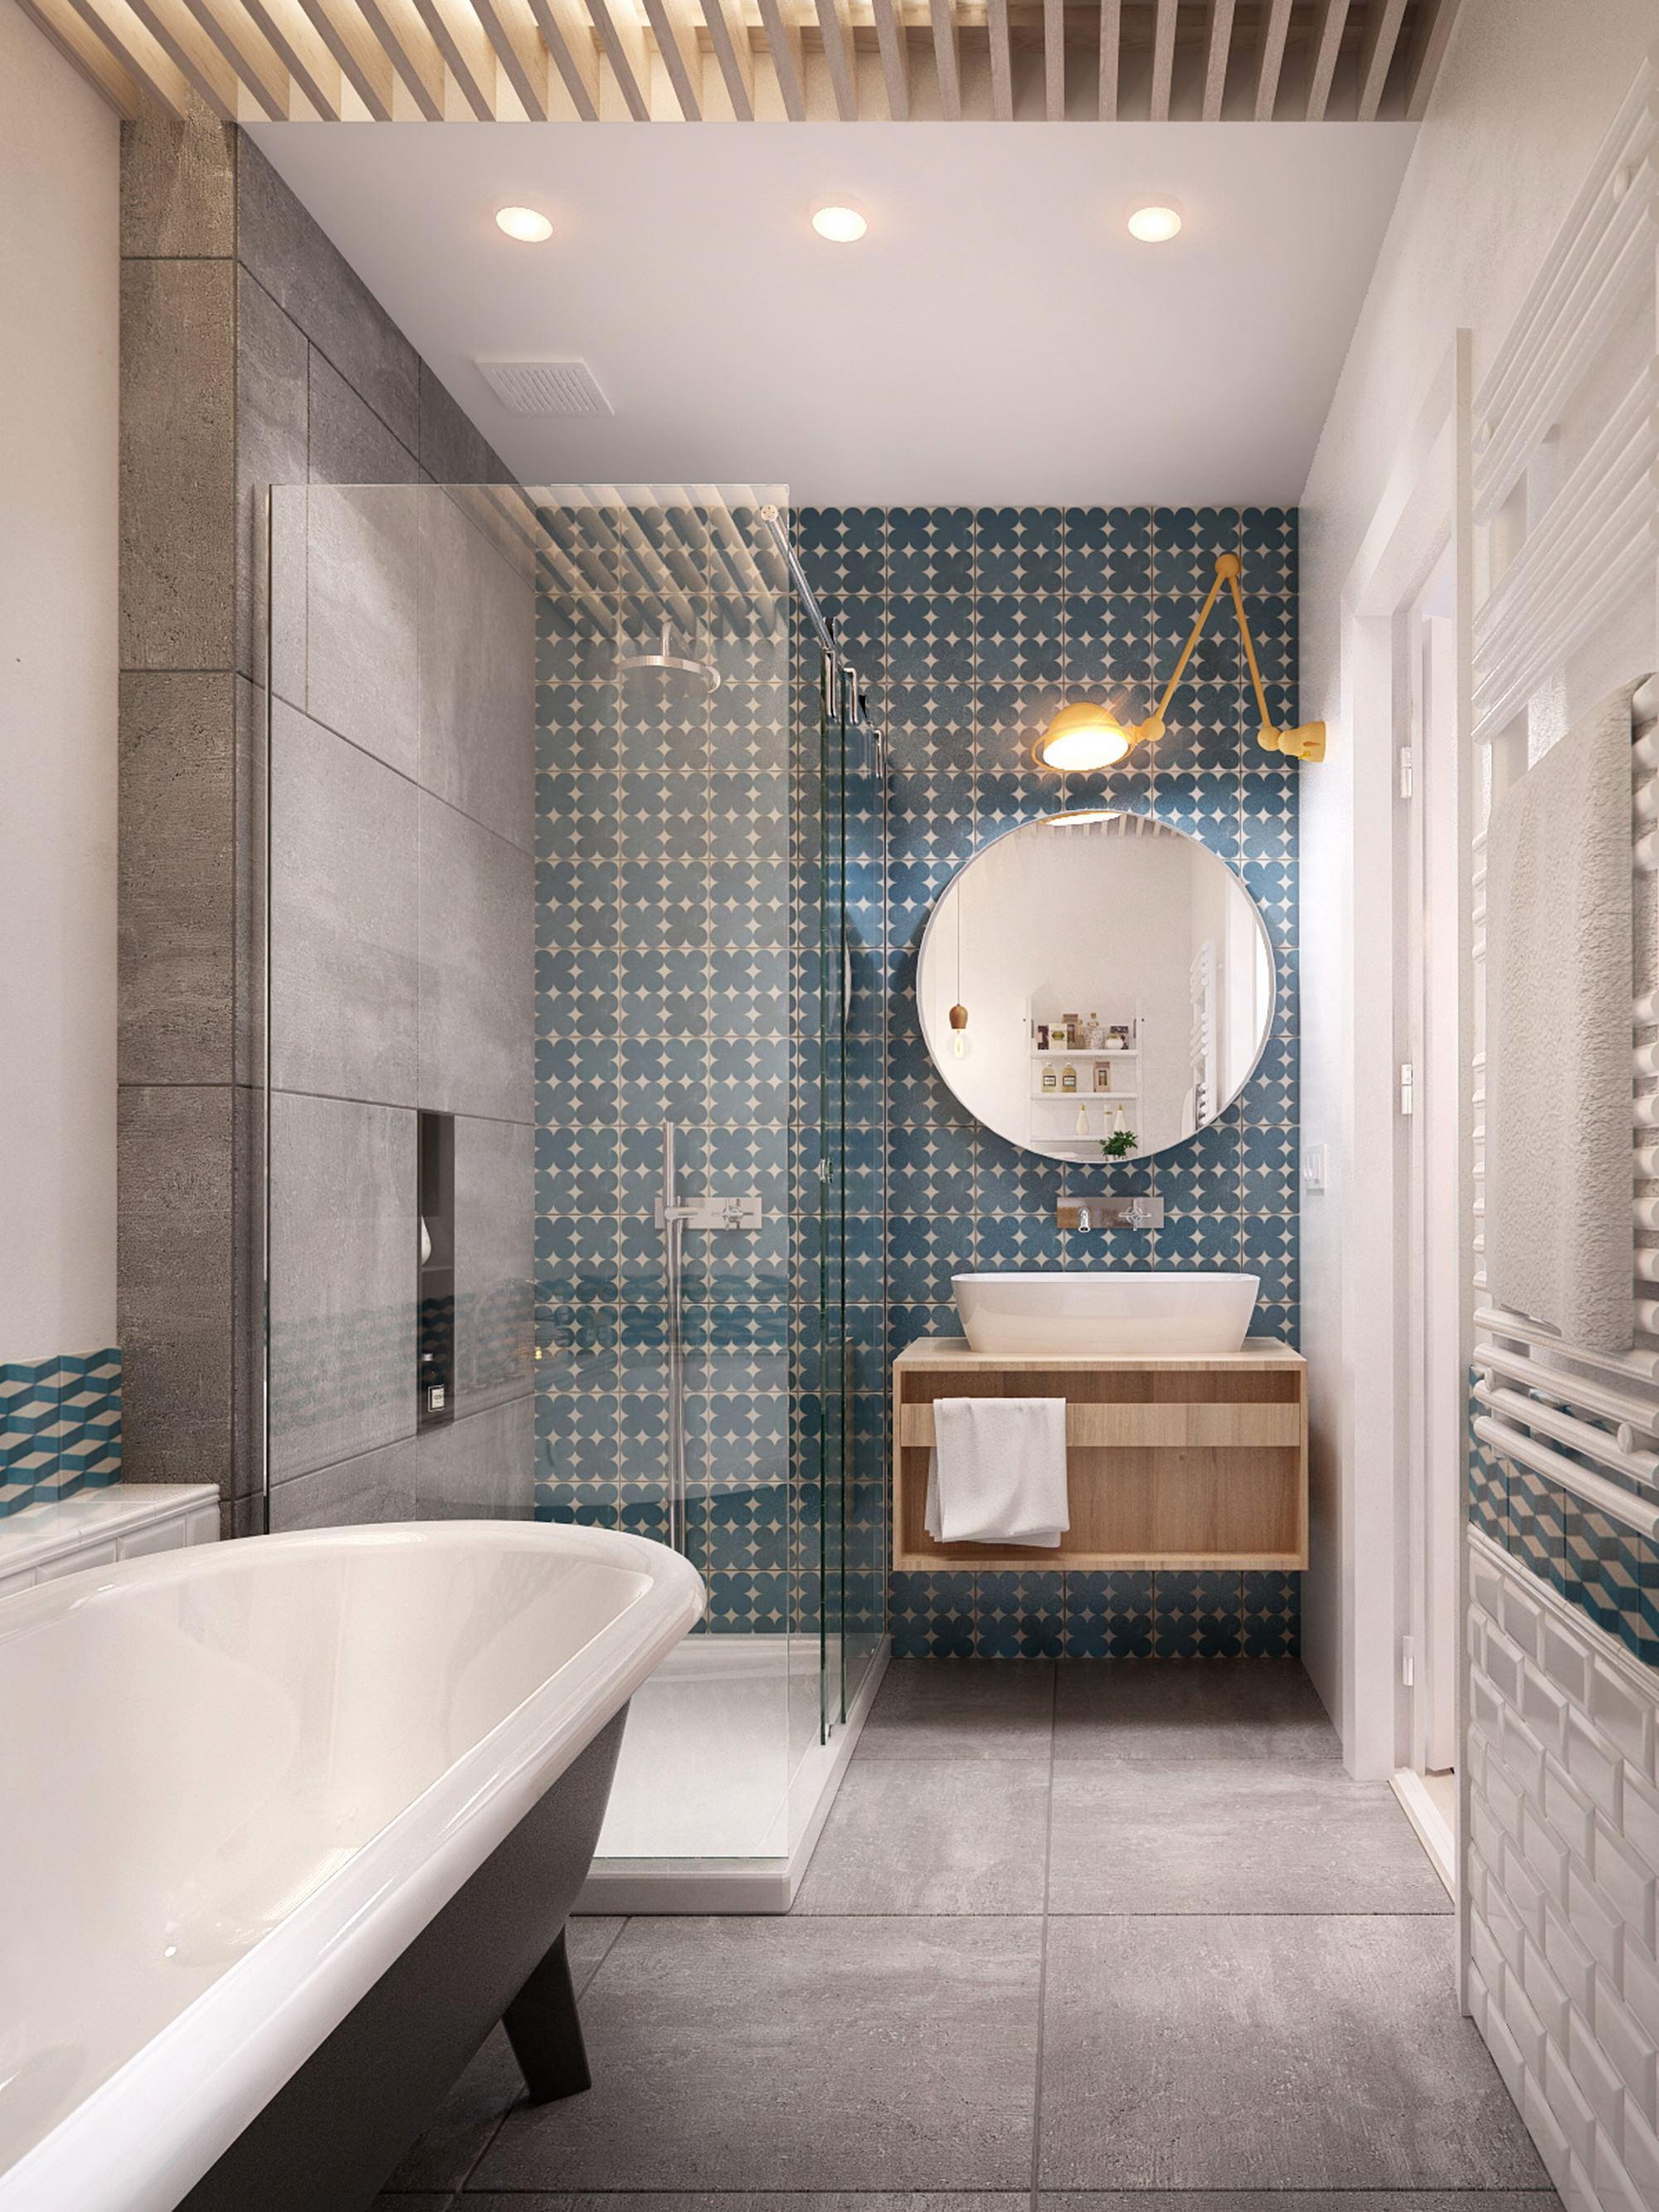 Ванная 6 кв м с геометрической плиткой